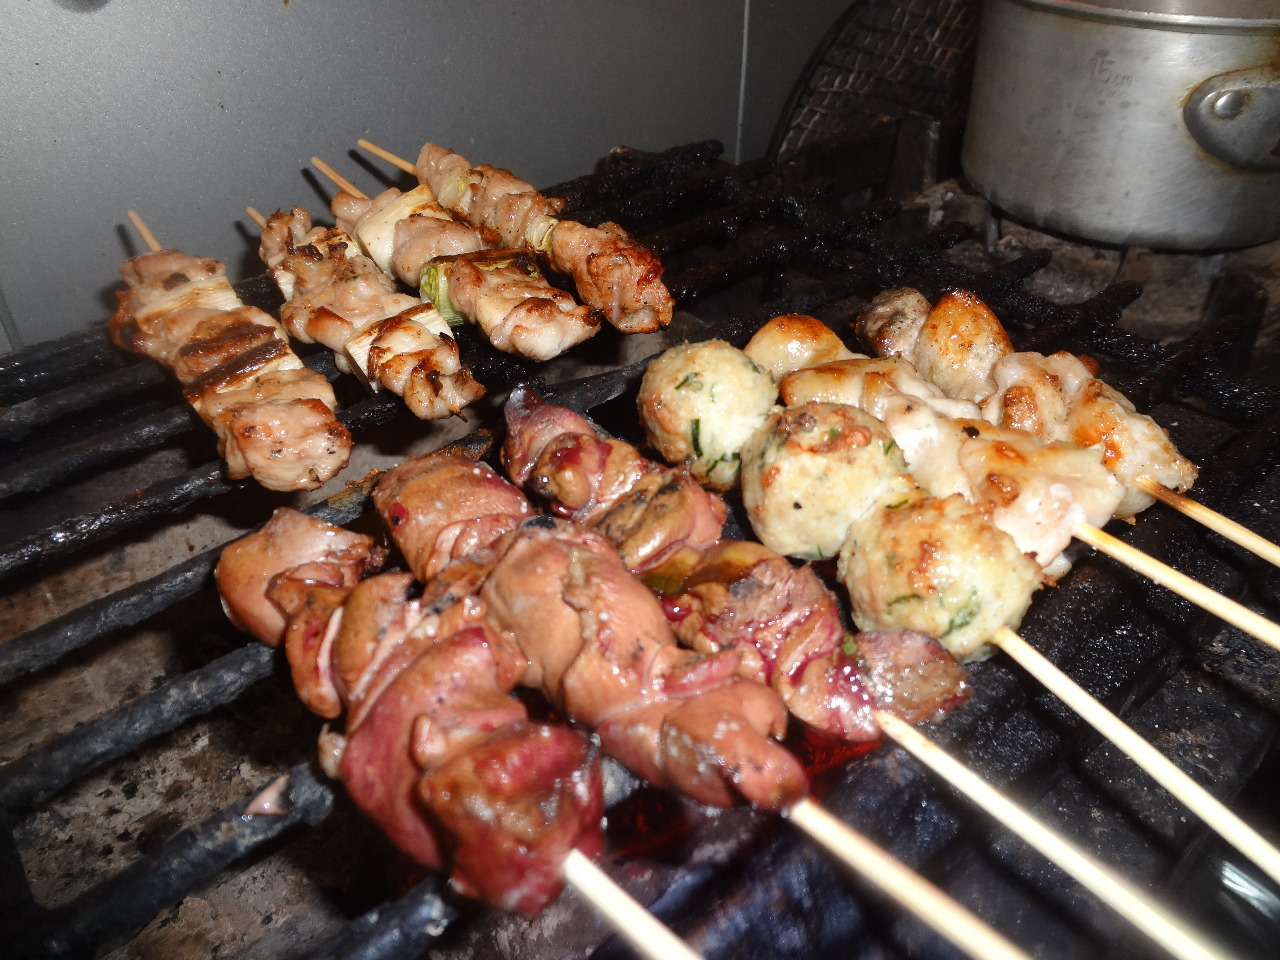 【本格炭火焼】炭火で炙る旬の食材